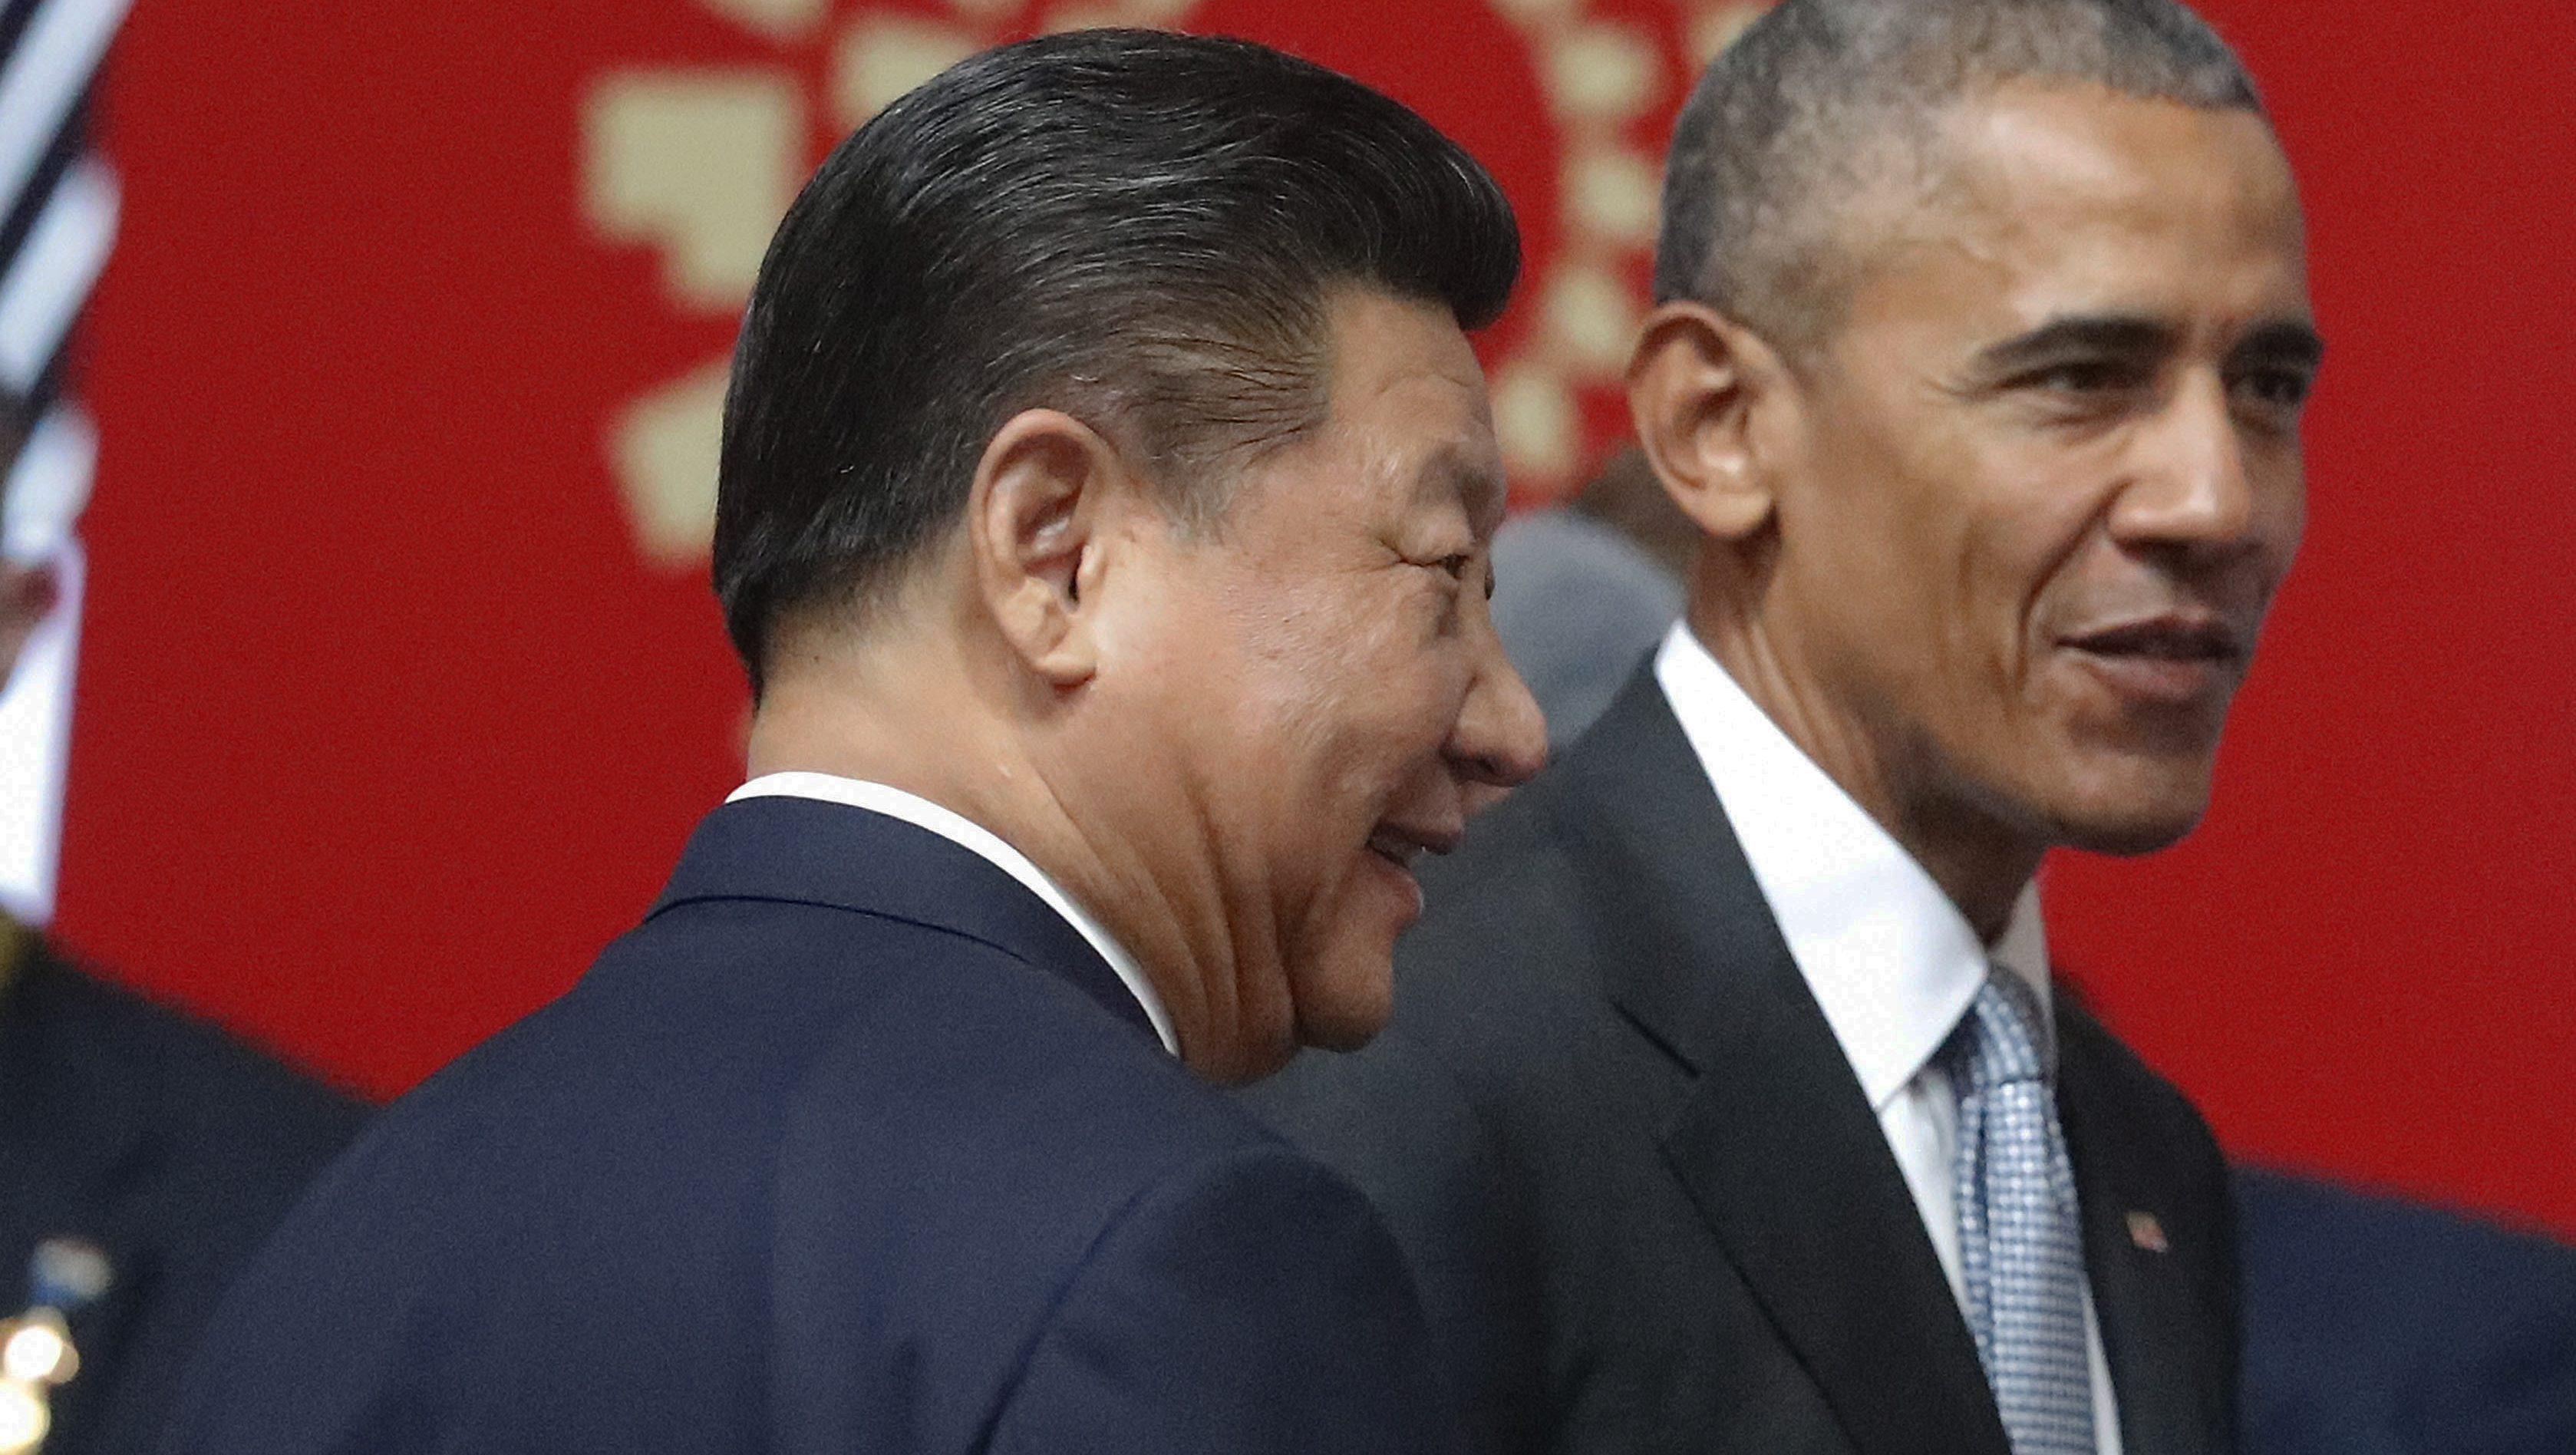 Barack Obama, Xi Jinping, at the APEC forum in Peru